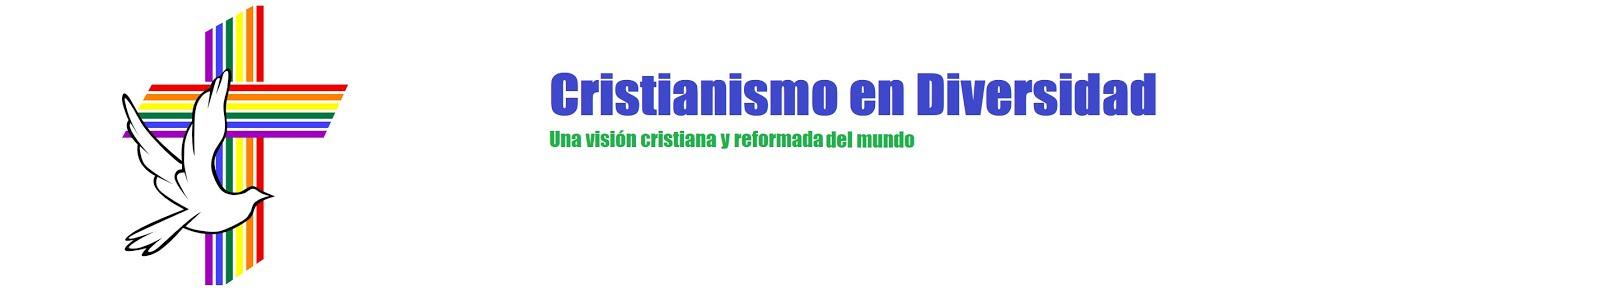 Cristianismo en Diversidad